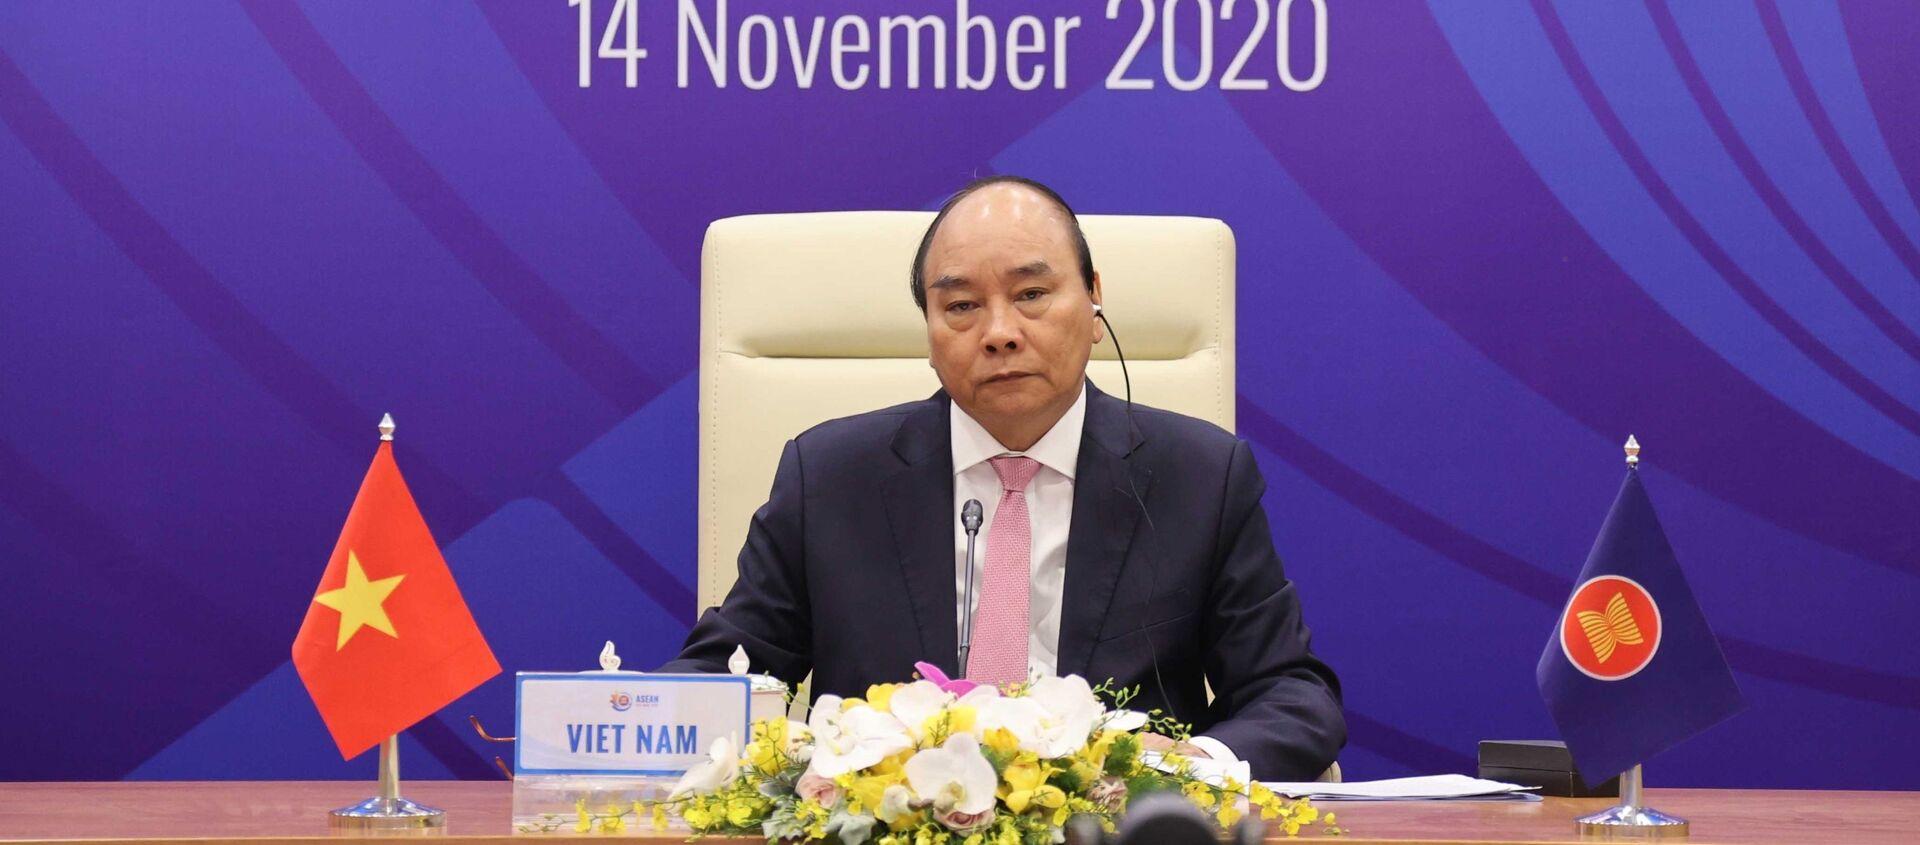 Thủ tướng Nguyễn Xuân Phúc, Chủ tịch ASEAN 2020 chủ trì Hội nghị Cấp cao ASEAN - Hoa Kỳ lần thứ 8 tại điểm cầu Hà Nội - Sputnik Việt Nam, 1920, 14.11.2020